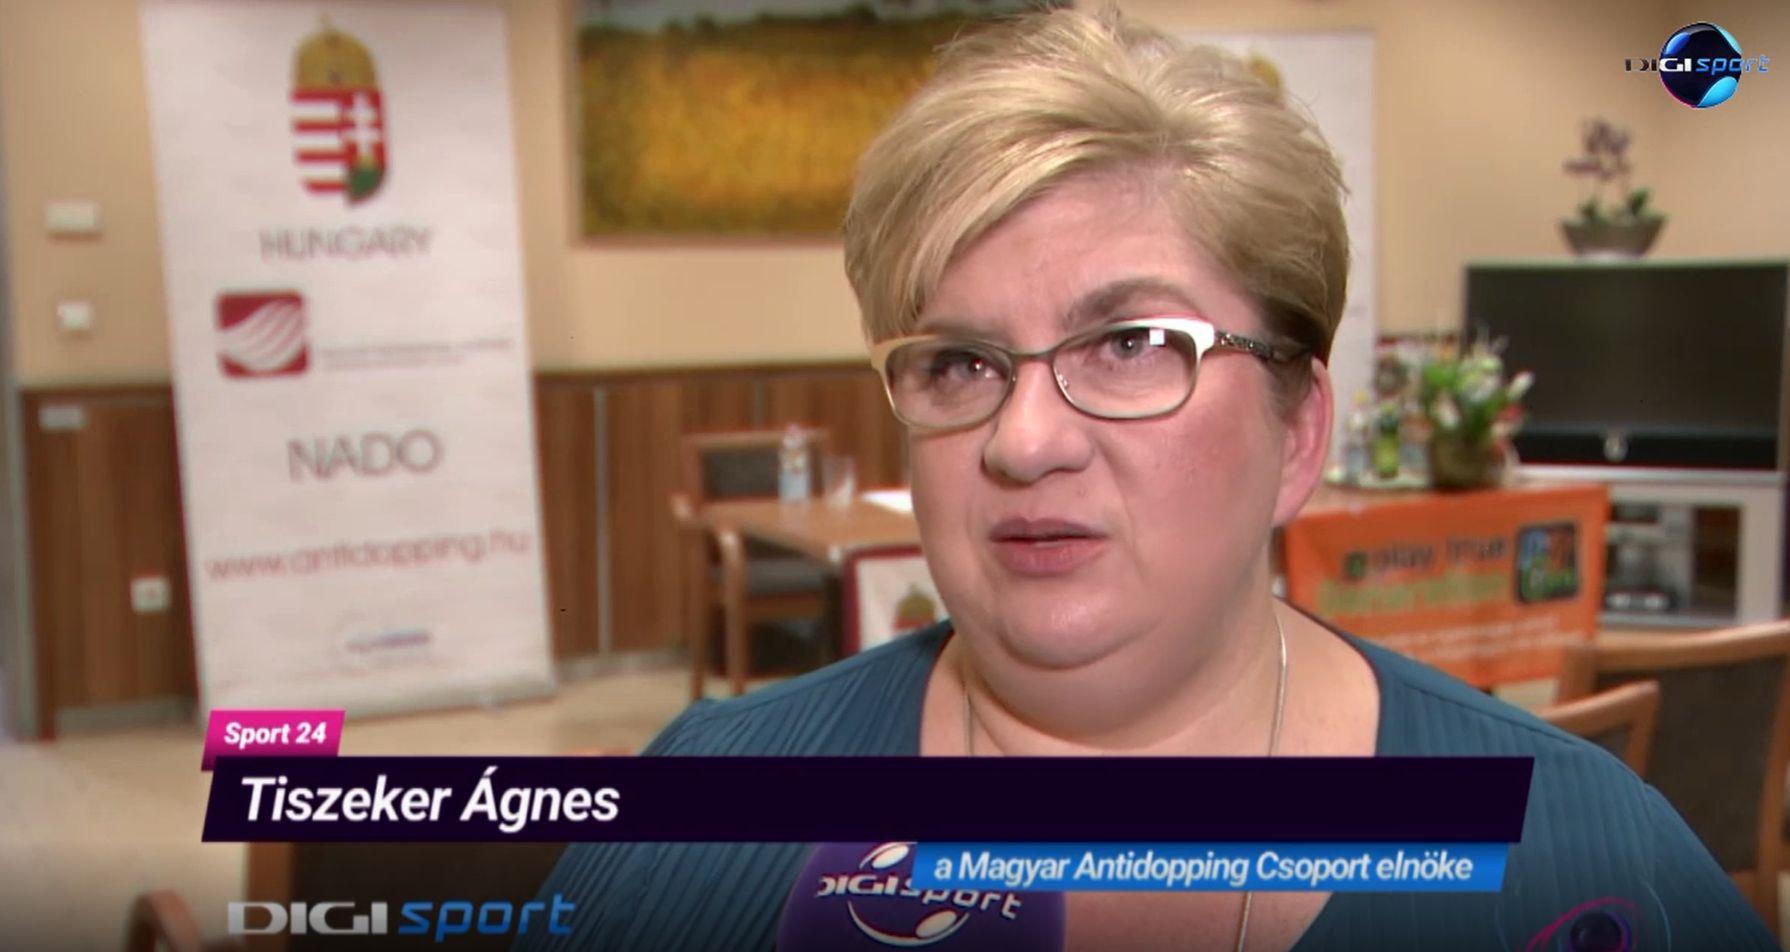 A Magyar Antidopping Csoport közleményben utasítja vissza a korrupciós vádakat